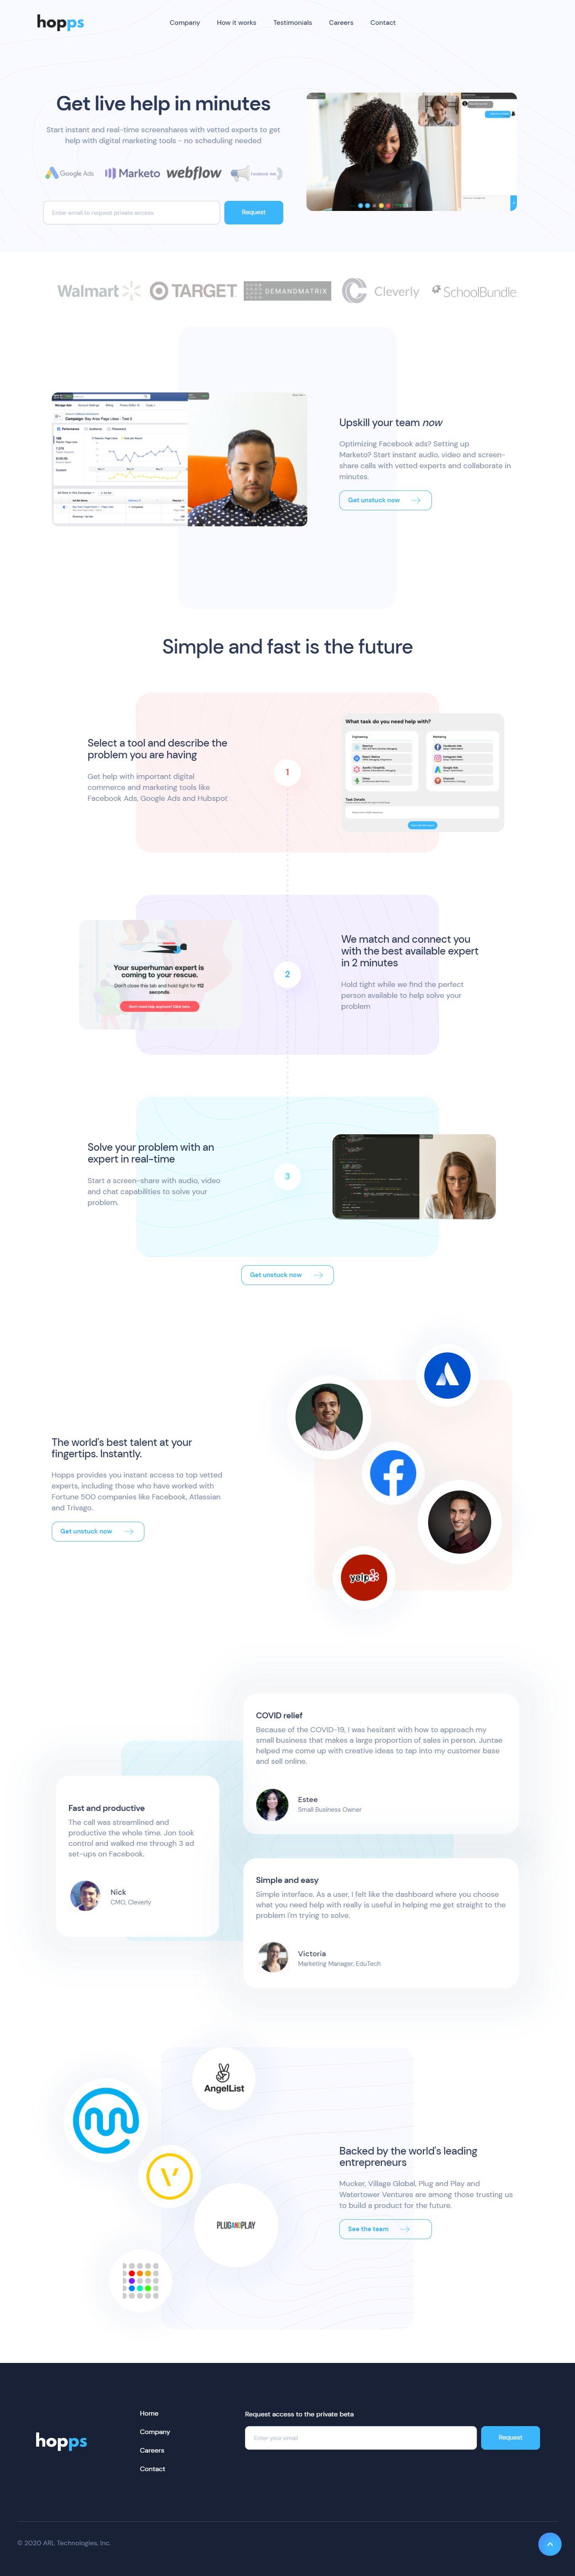 Google Ads Help Facebook Ads Manager Google Ads Hubspot